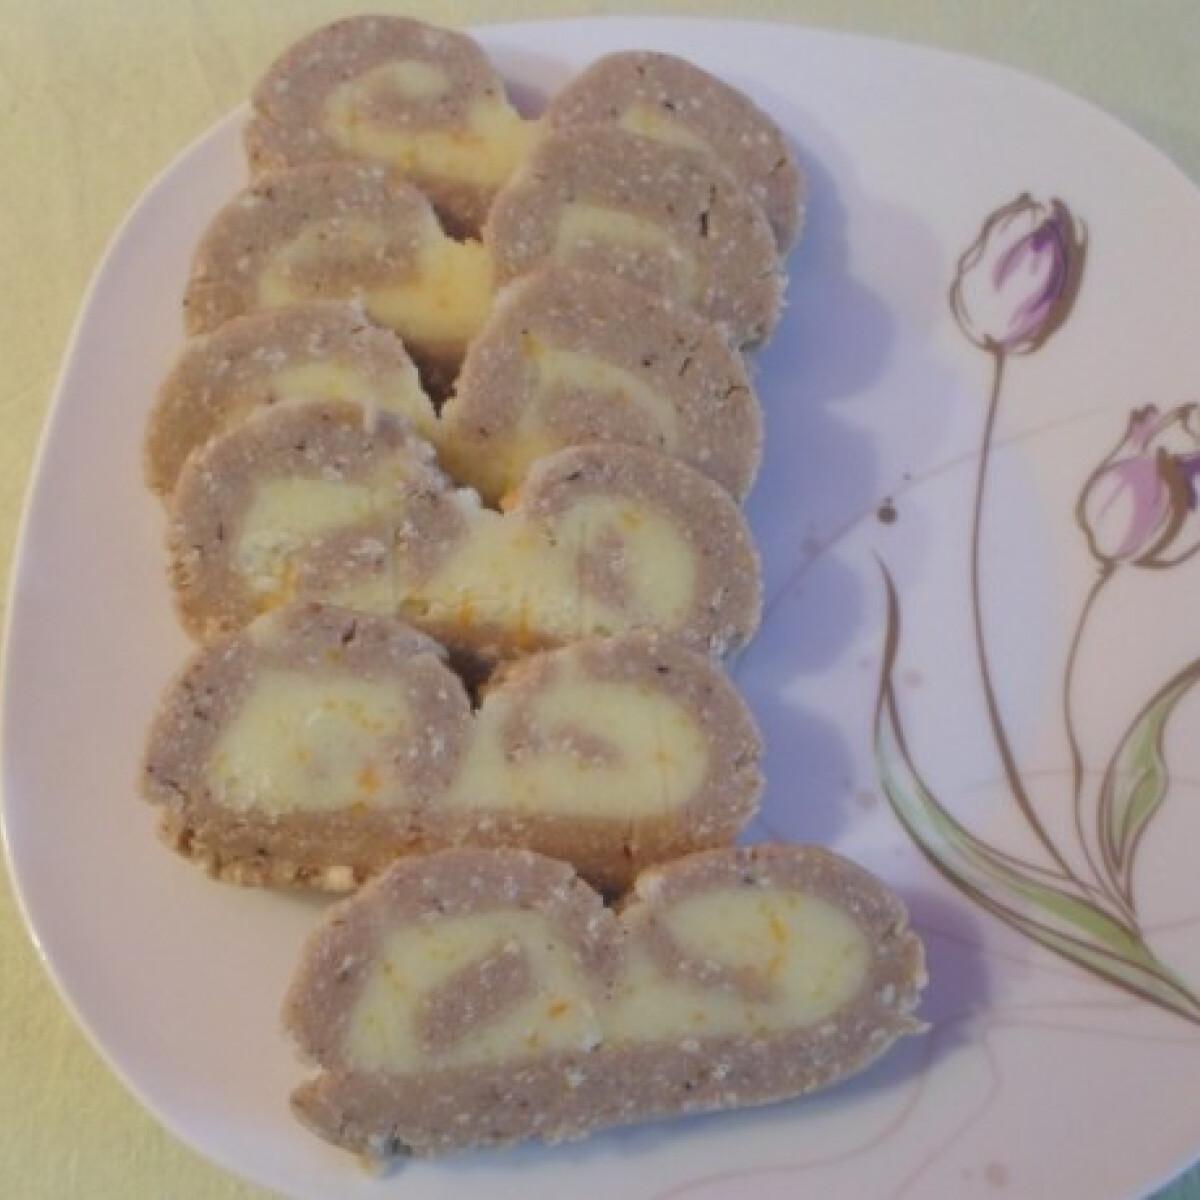 Ezen a képen: Gesztenyés-narancsos tekercs